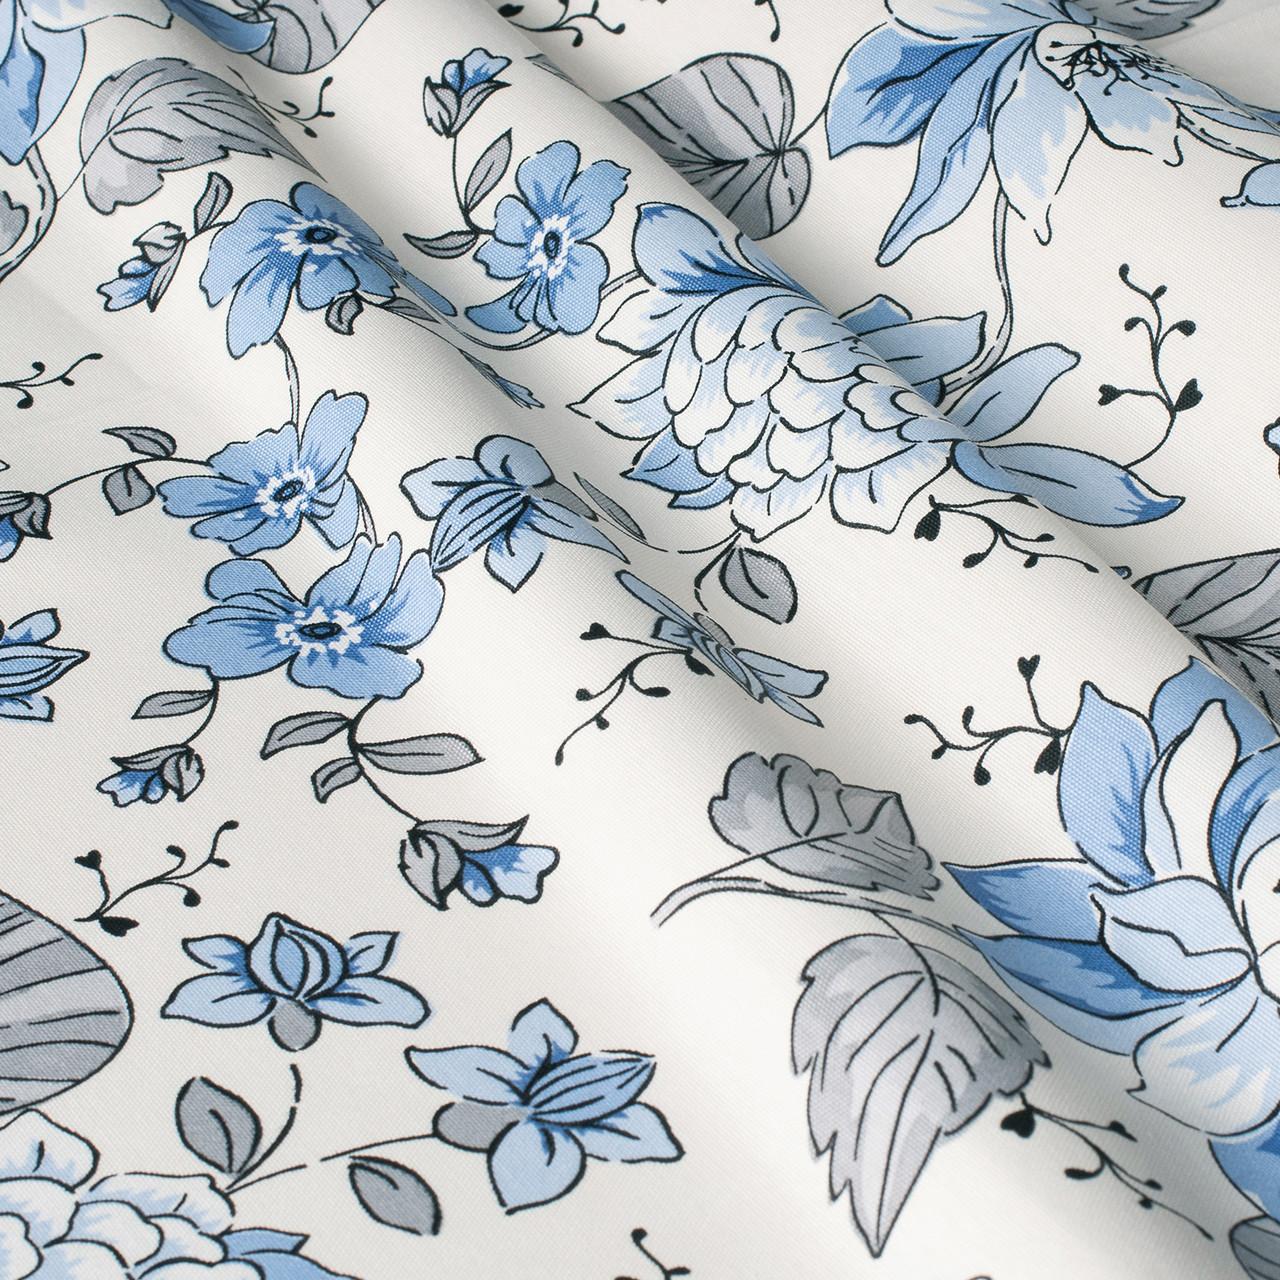 Декоративная ткань с мелкими голубыми цветами на белом 180см 84489v1